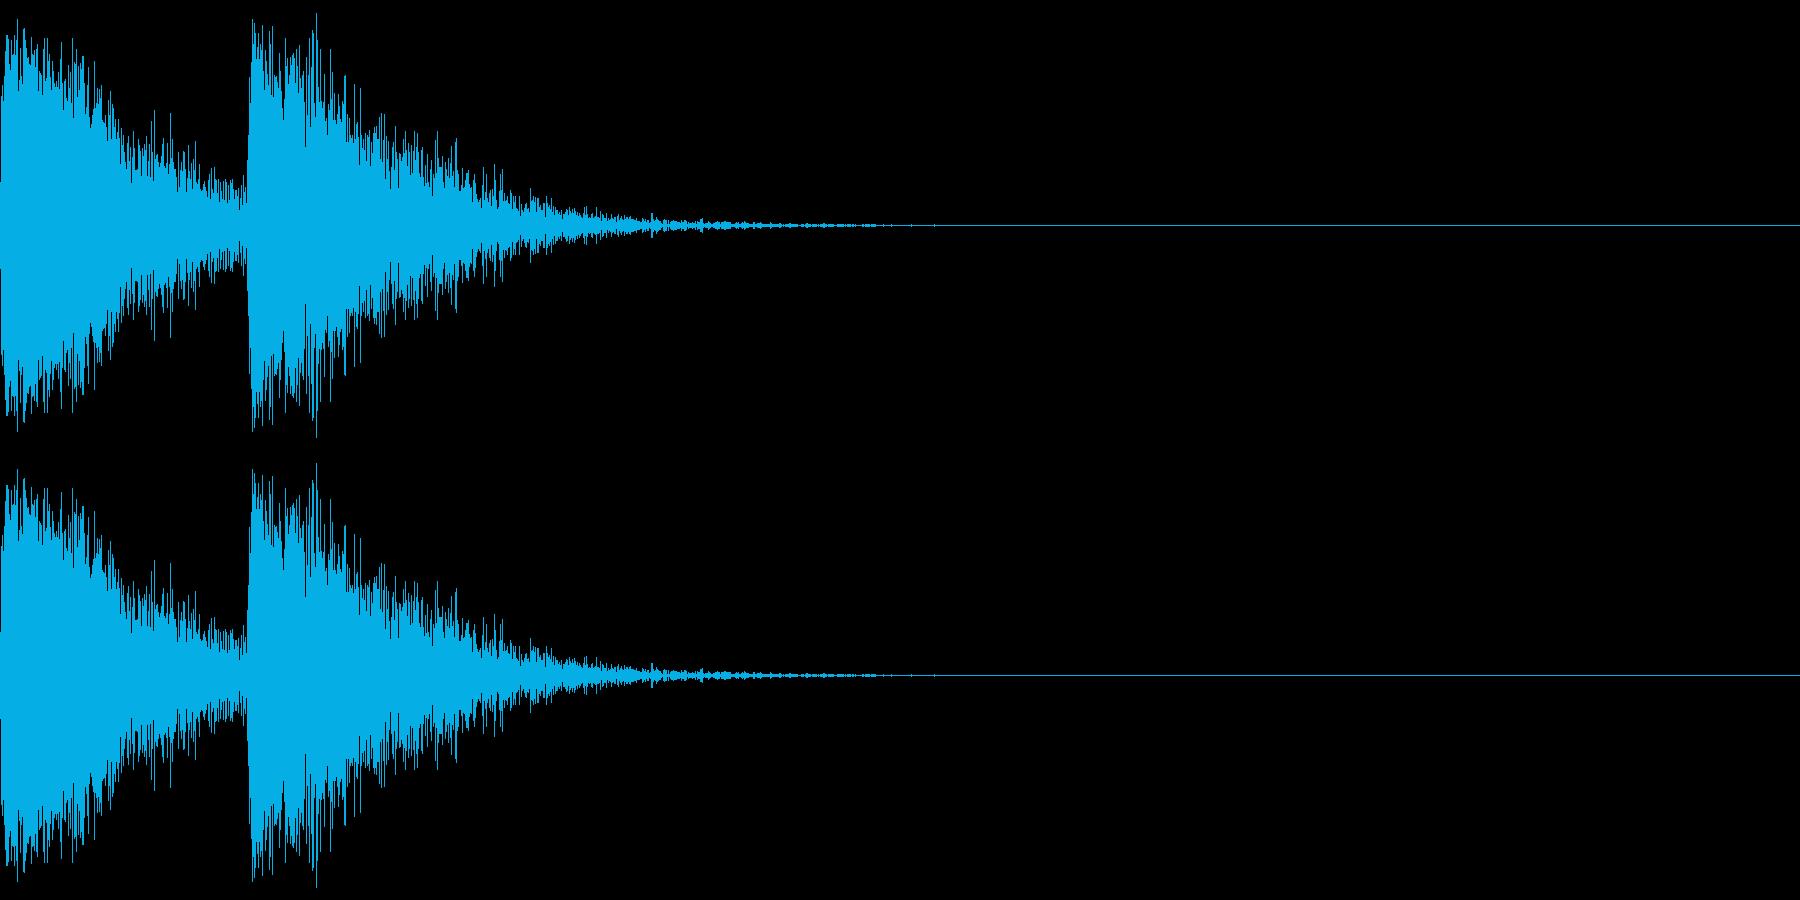 【SE】攻撃音02ヒット2発(ビビシー)の再生済みの波形